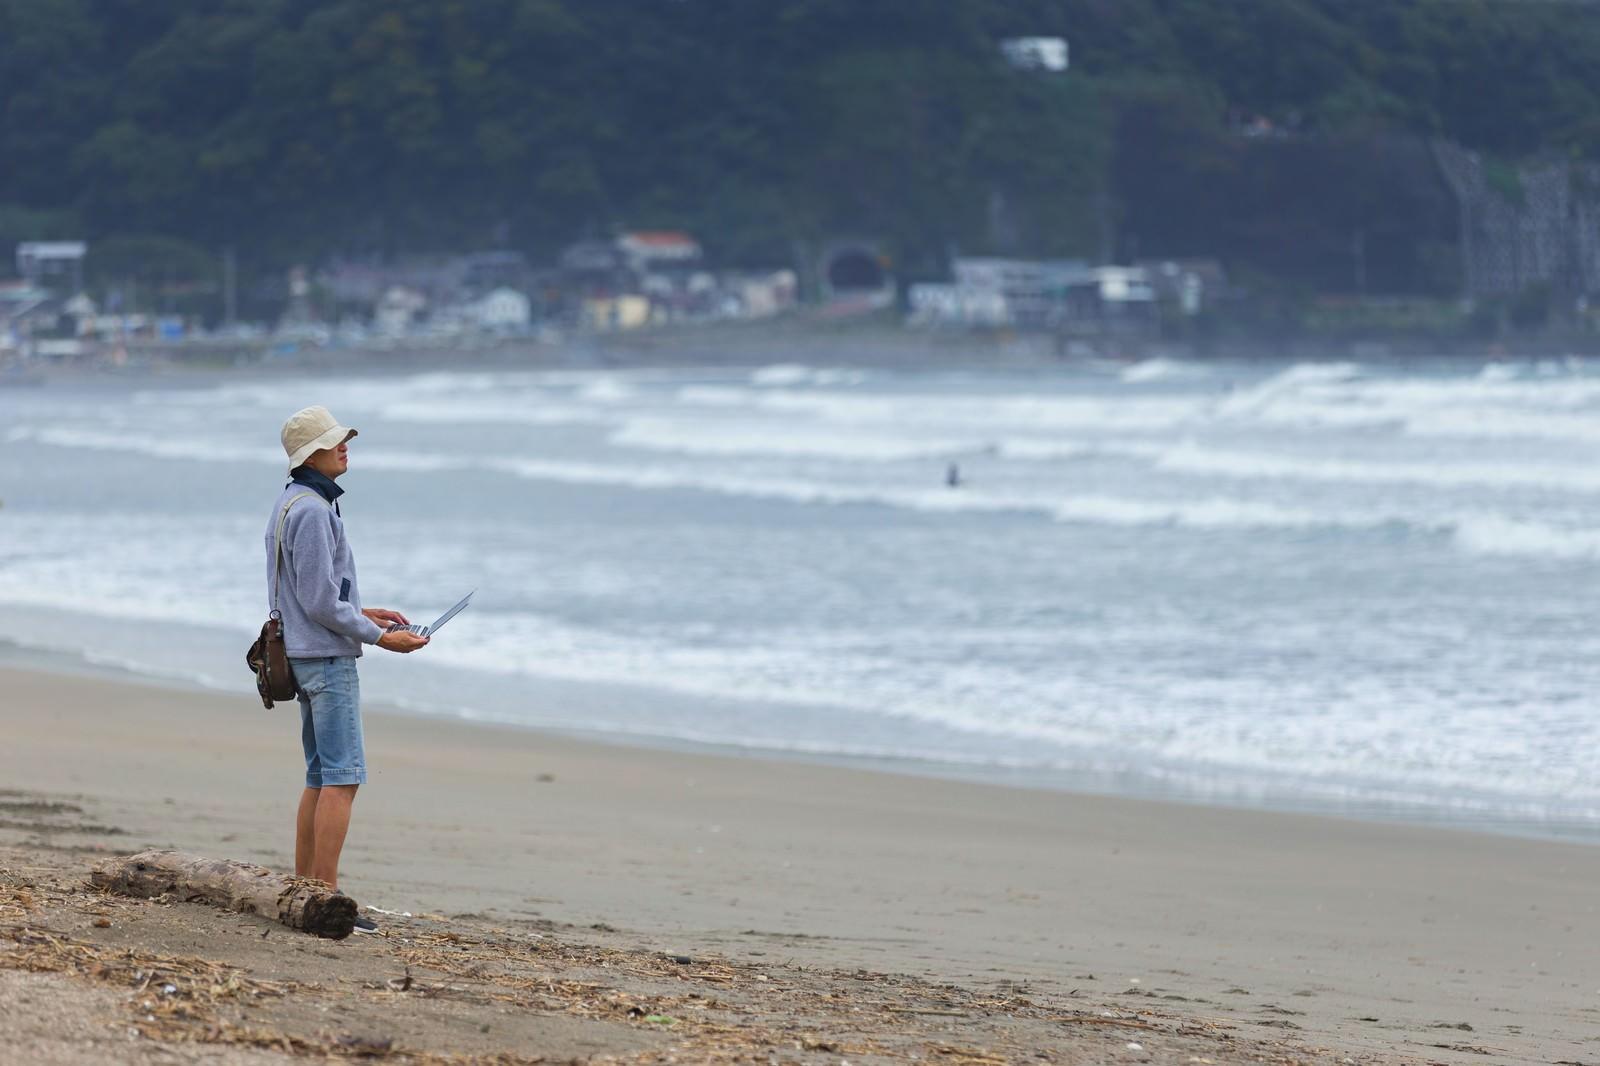 「無料WiFiを探していたら砂浜に出た」の写真